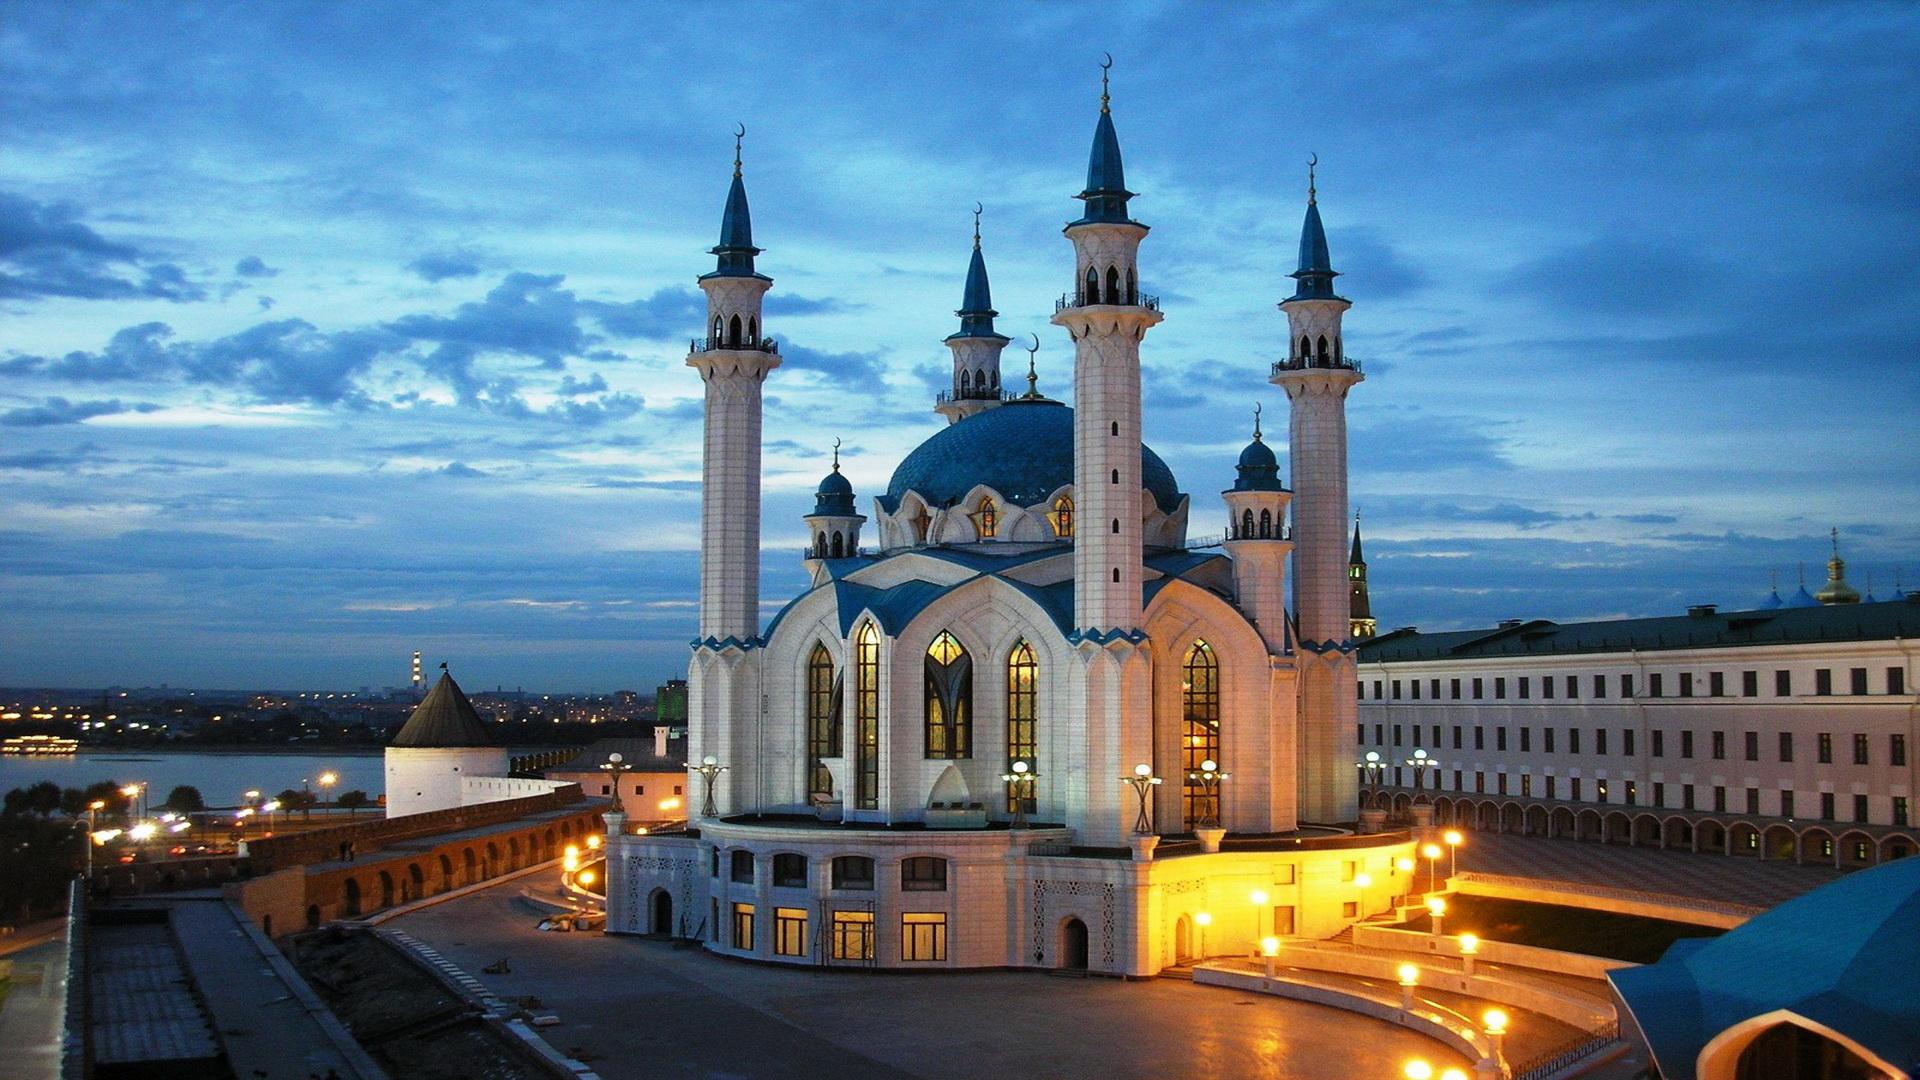 مؤسسة مركز الدعوة الإسلامية